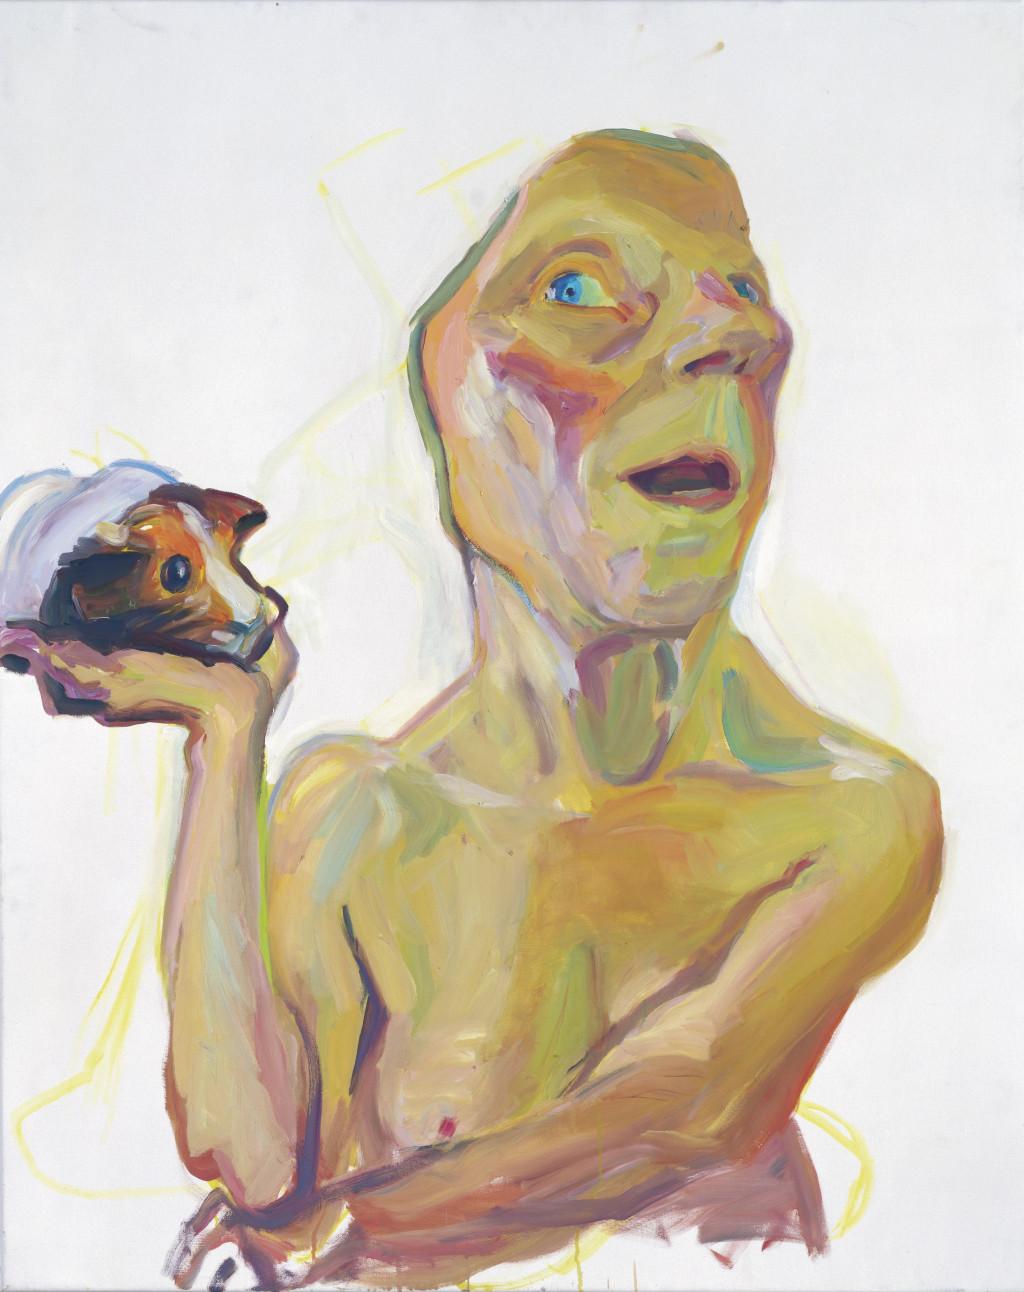 Maria Lassnig, 'Selbst mit Meerschweinchen', 2000. Particuliere Collectie. Courtesy Hauser & Wirth Collection Services © Maria Lassnig Foundation